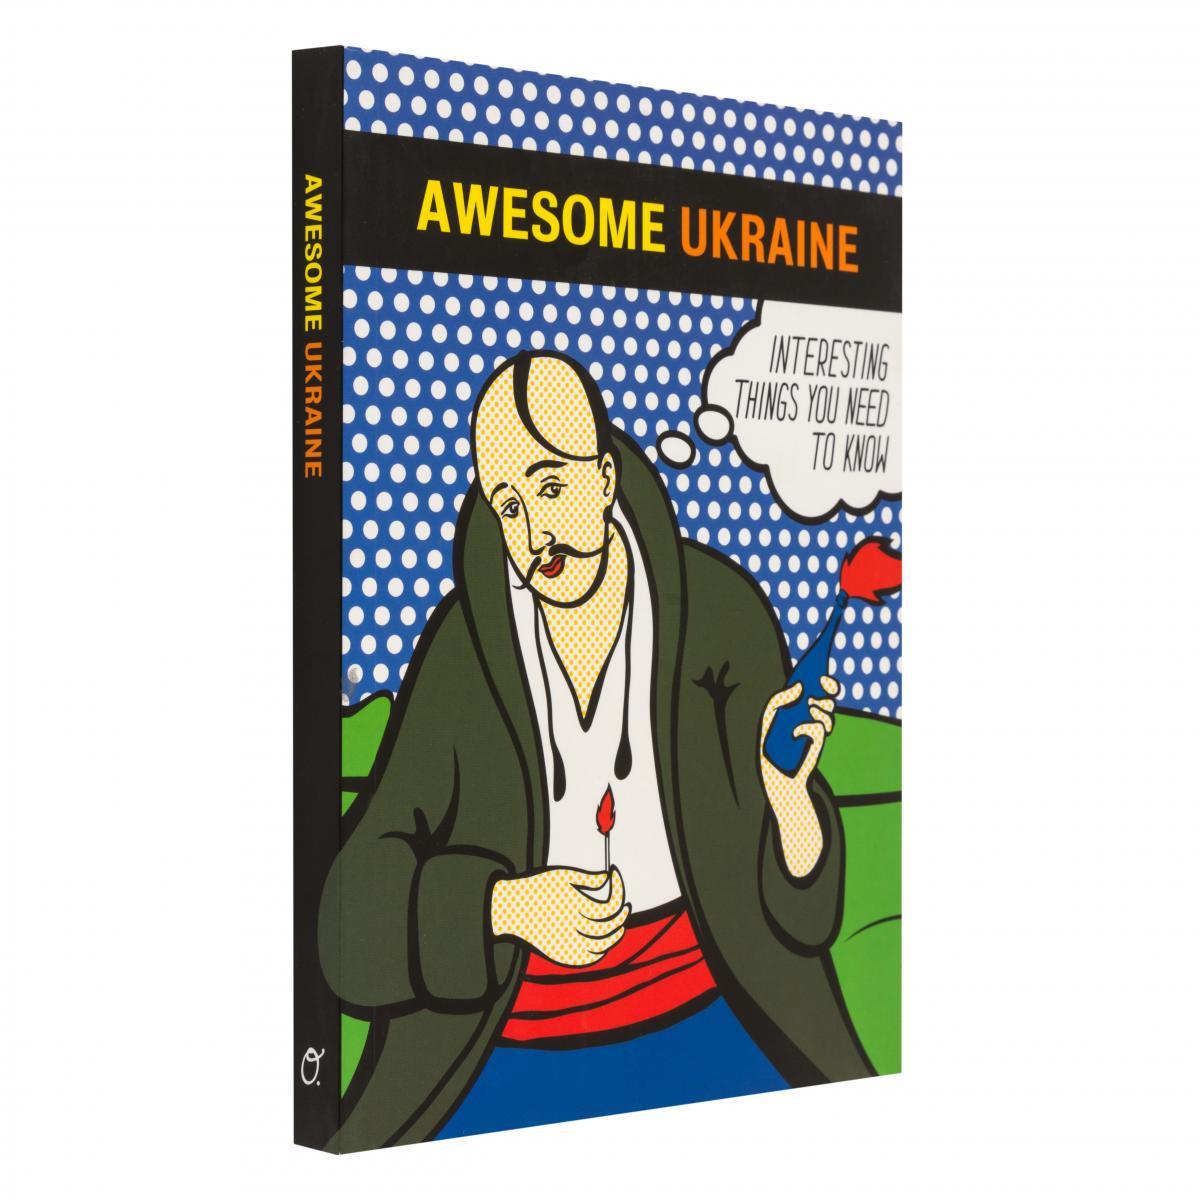 Книга Awesome Ukraine. Фото №2. | Народный дом Украина